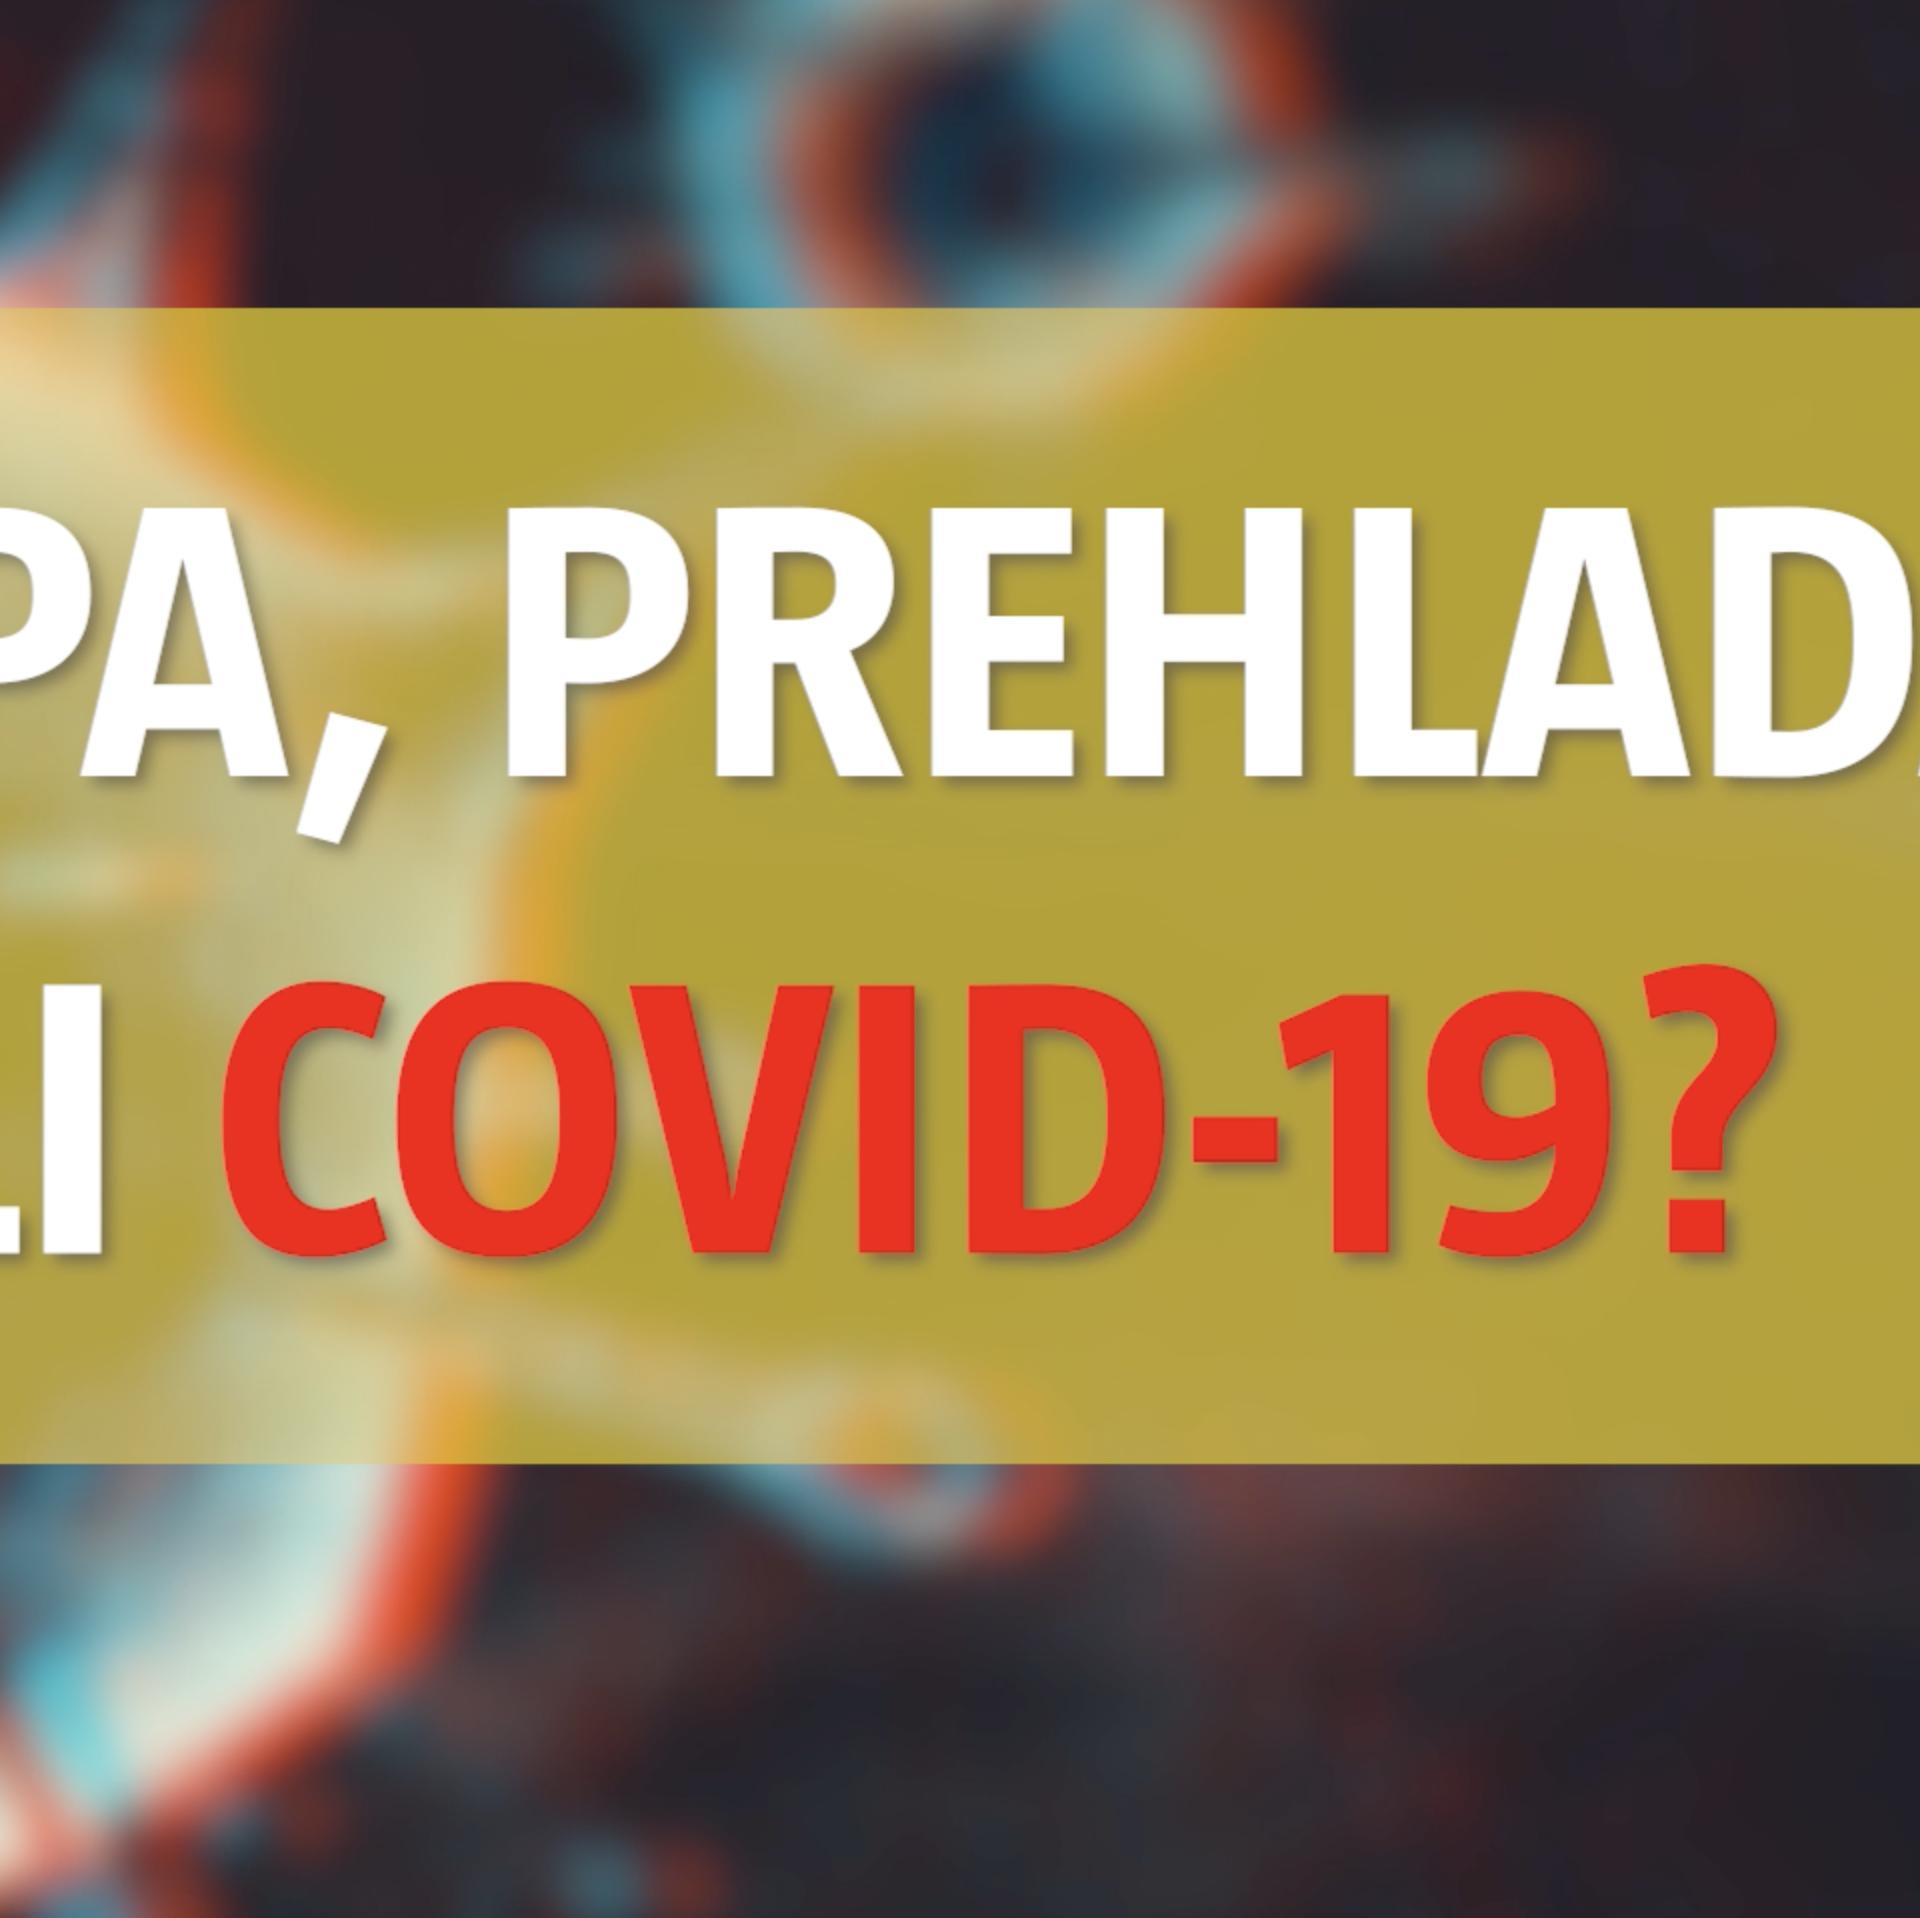 Gripa, prehlada ili Covid-19? Evo kako prepoznati simptome